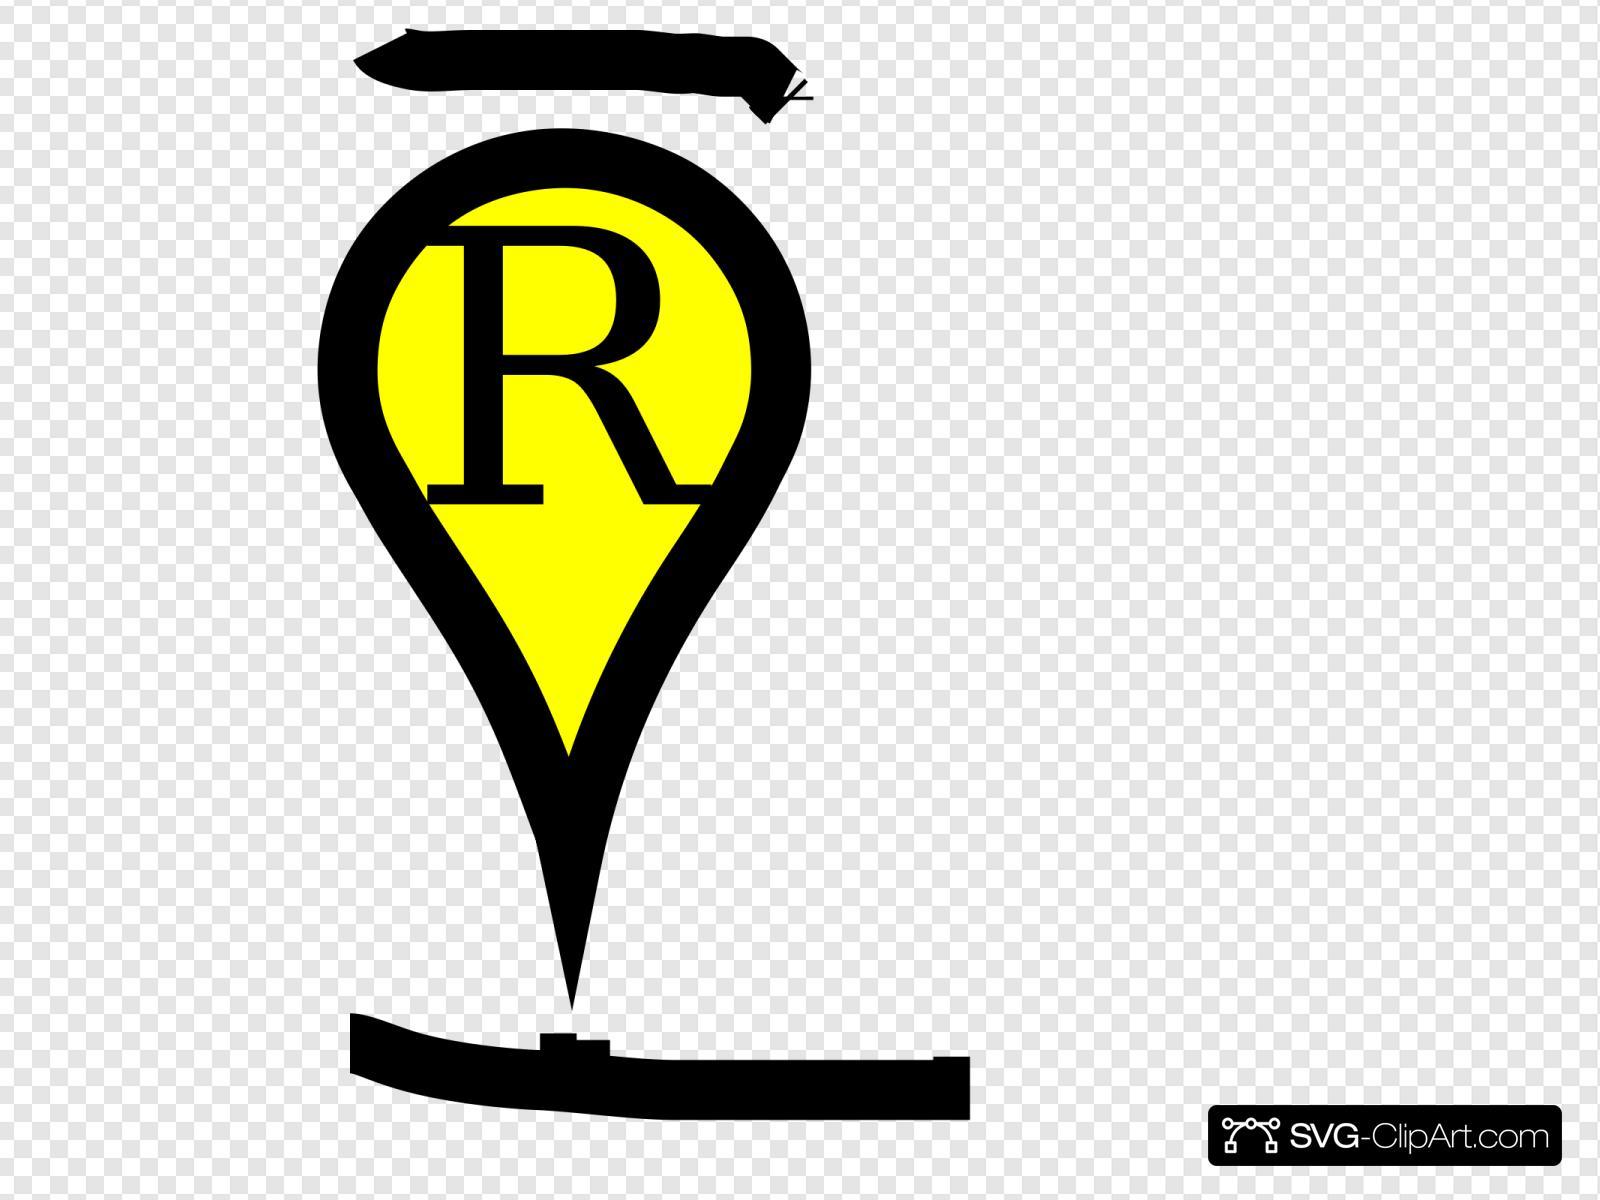 R Amarillo Clip art, Icon and SVG.